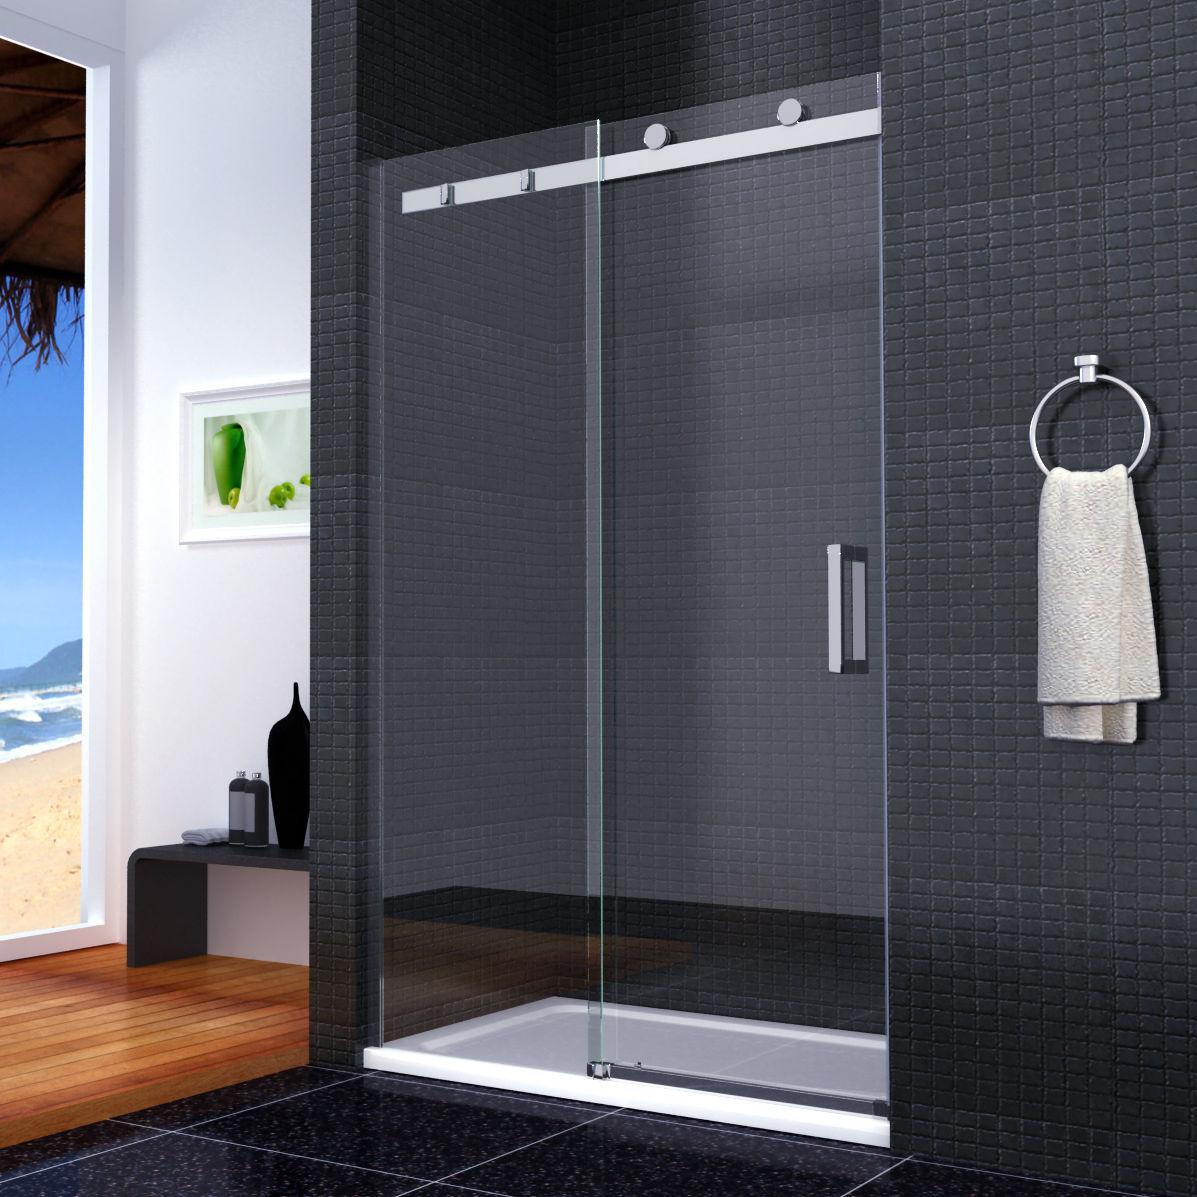 Badewanne Duschabtrennung Glas: Duschabtrennung dusche ...   {Duschabtrennung glas schiebetür 42}